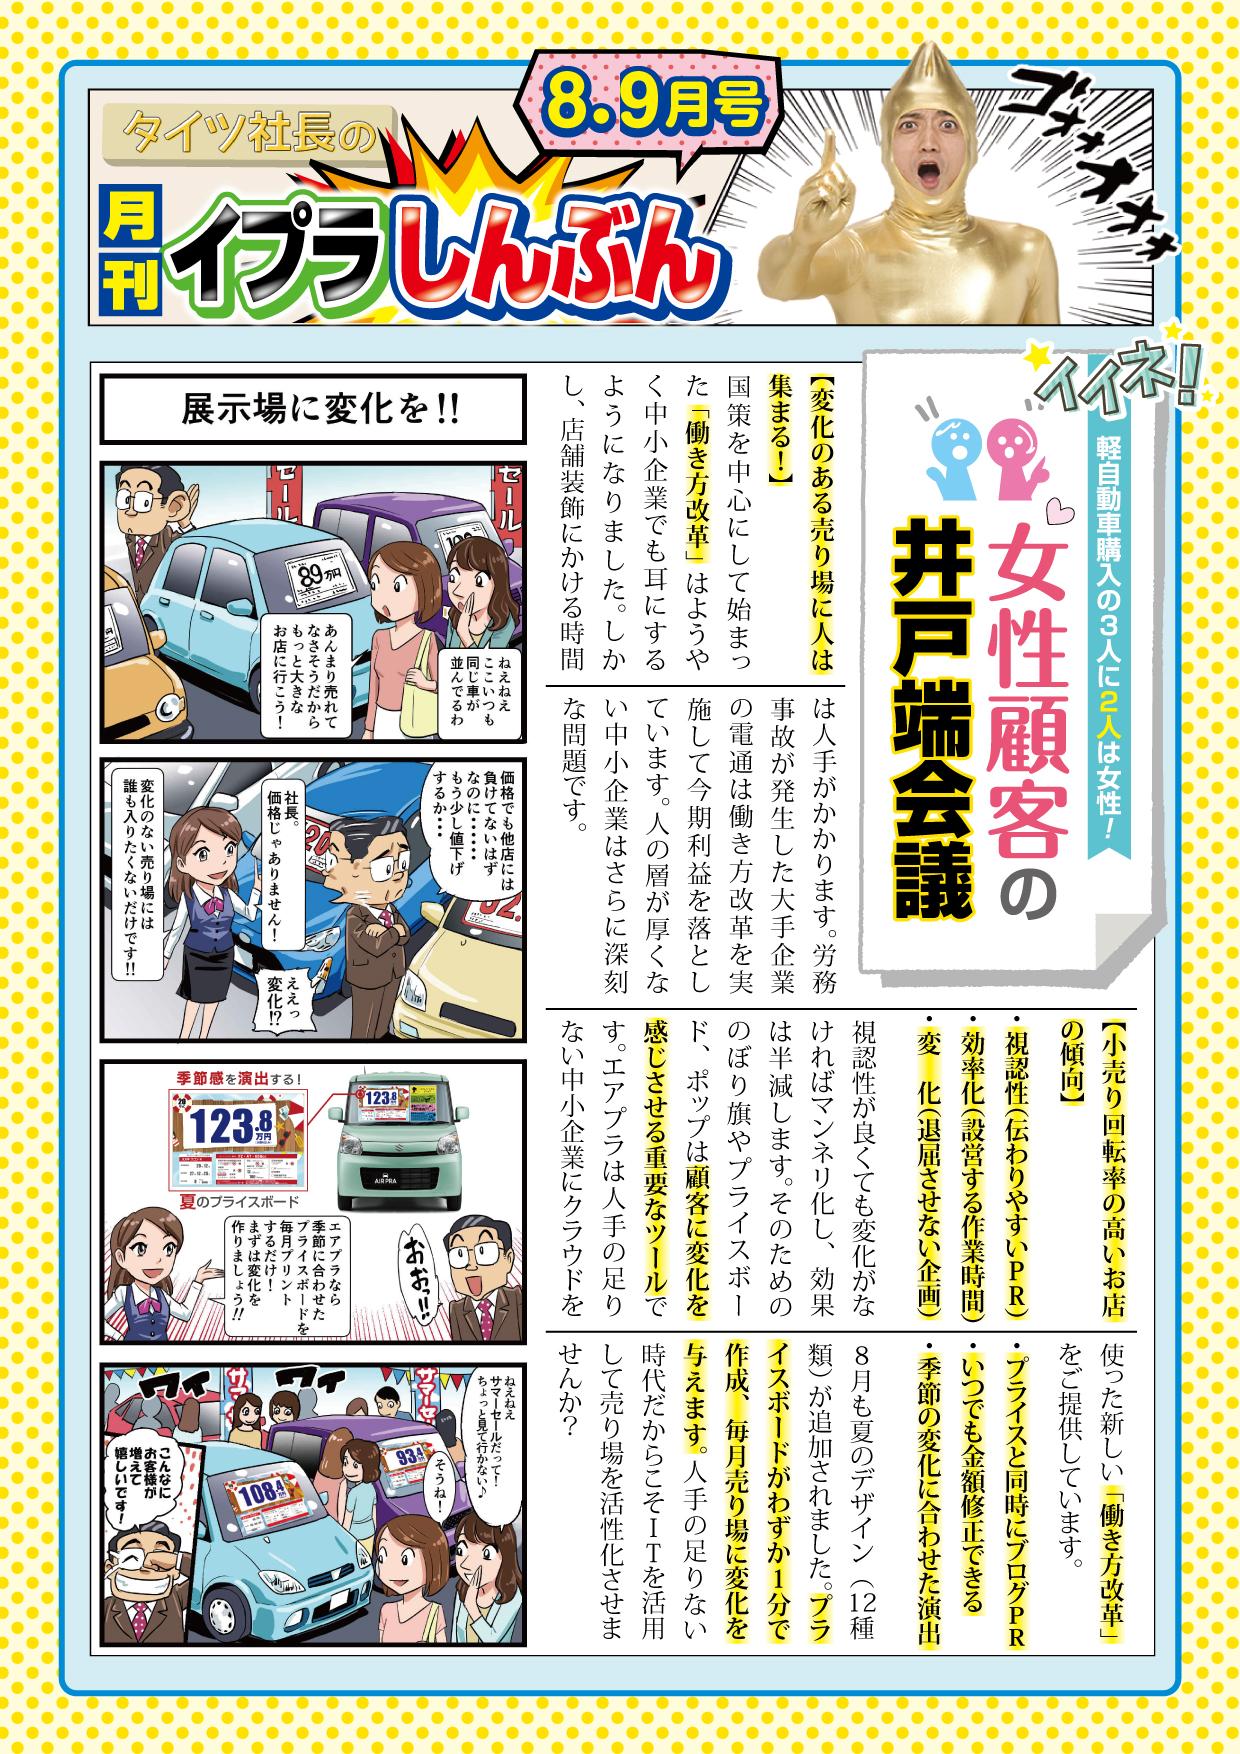 イプラ新聞8_9月号_表ol修正-01